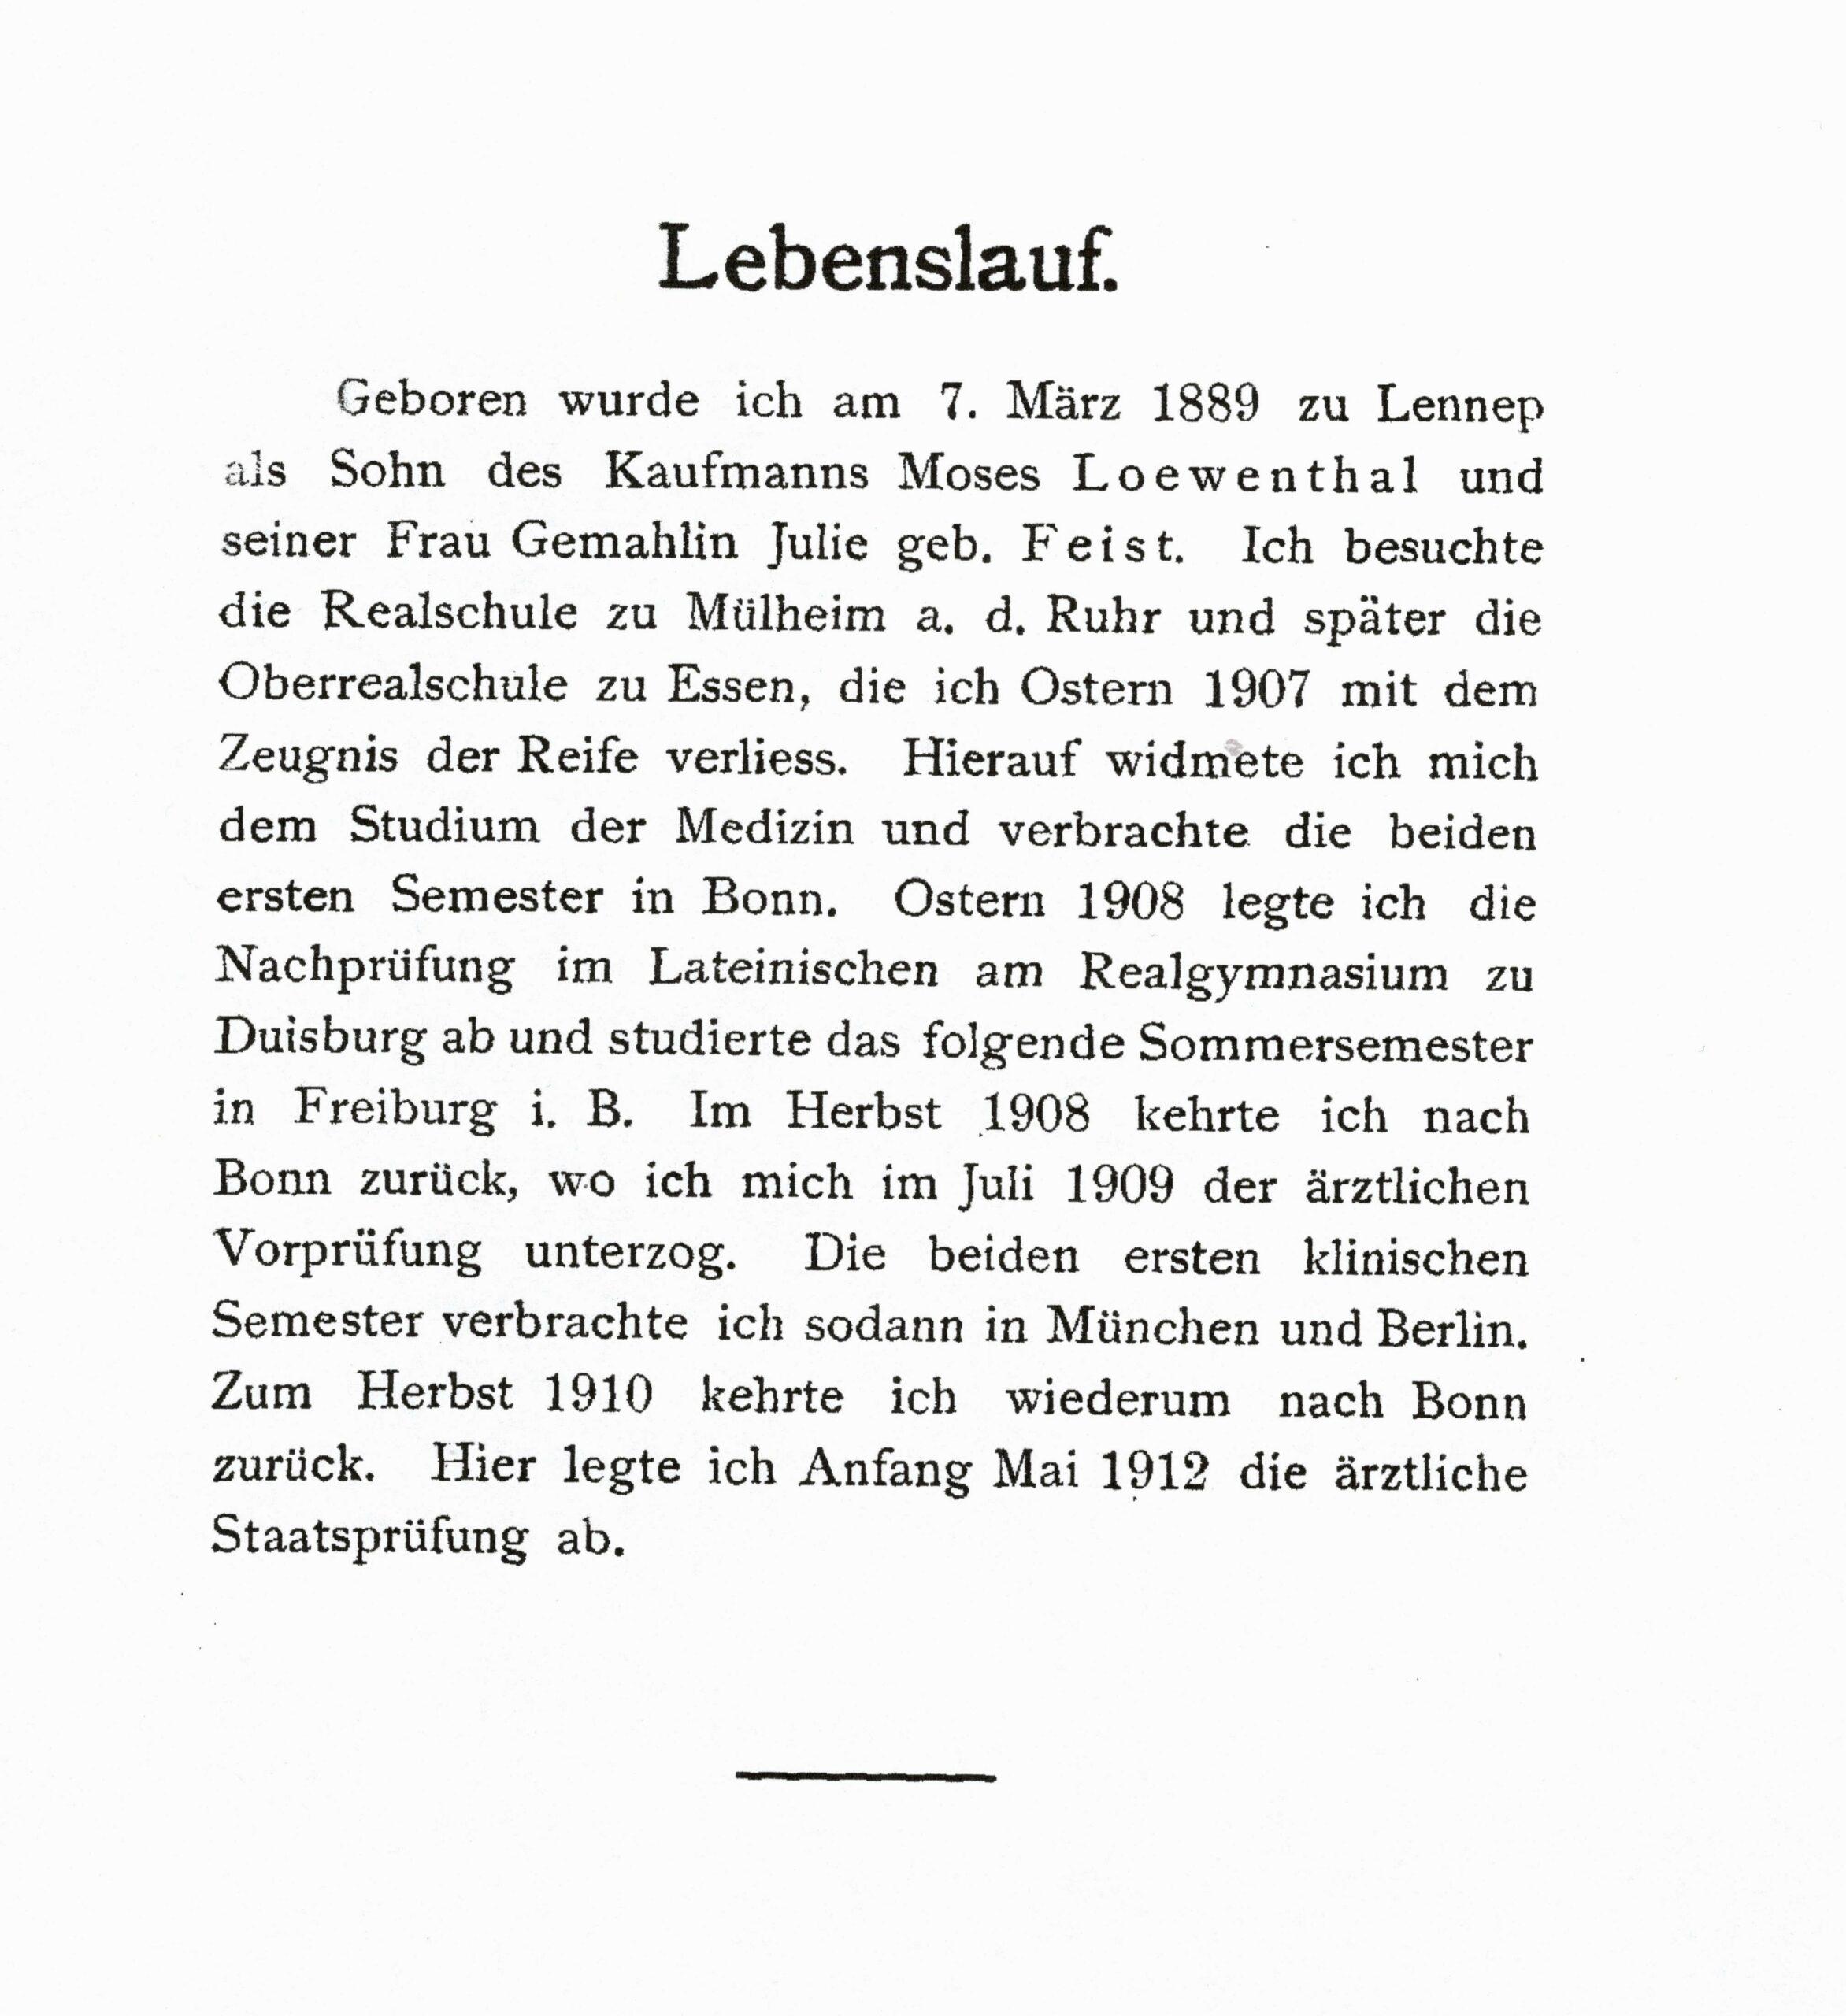 Lebenslauf in seiner Dissertationsschrift, 1912